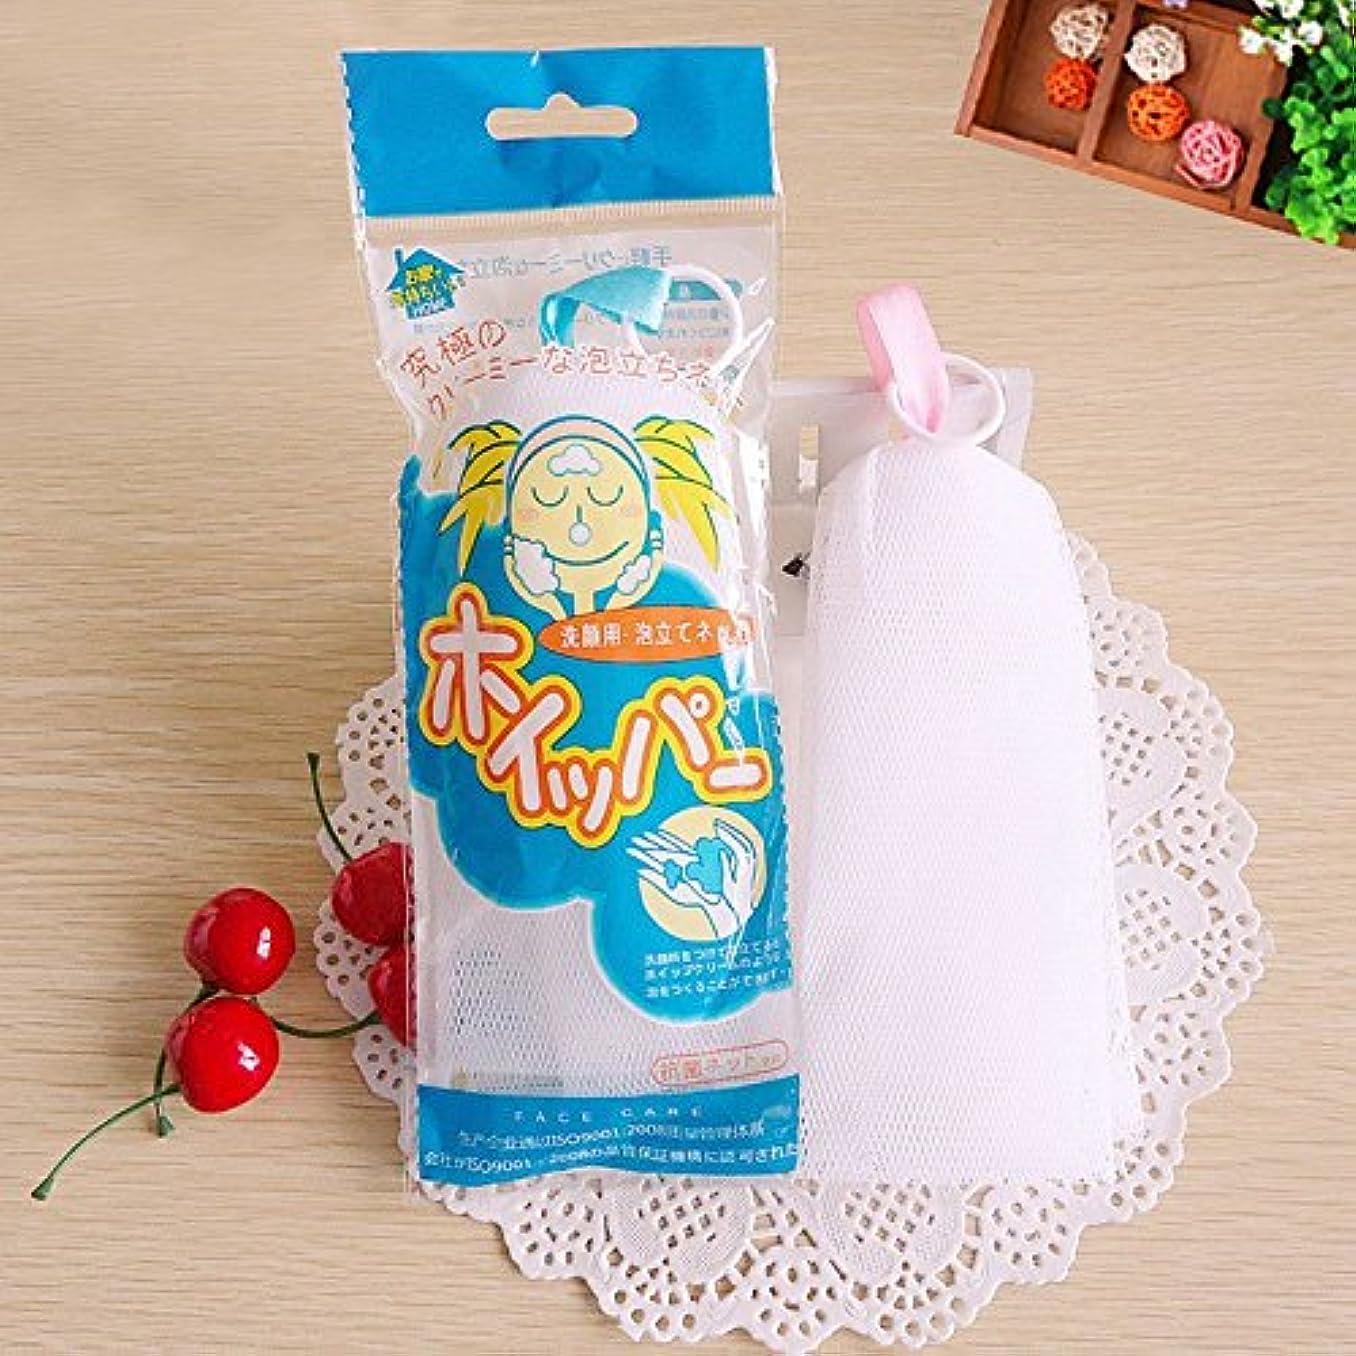 評判サスペンション宗教的なattachmenttou クリーンフェイスソープブリスター発泡バブルネットネットワークバッグ旅行バスルーム用品